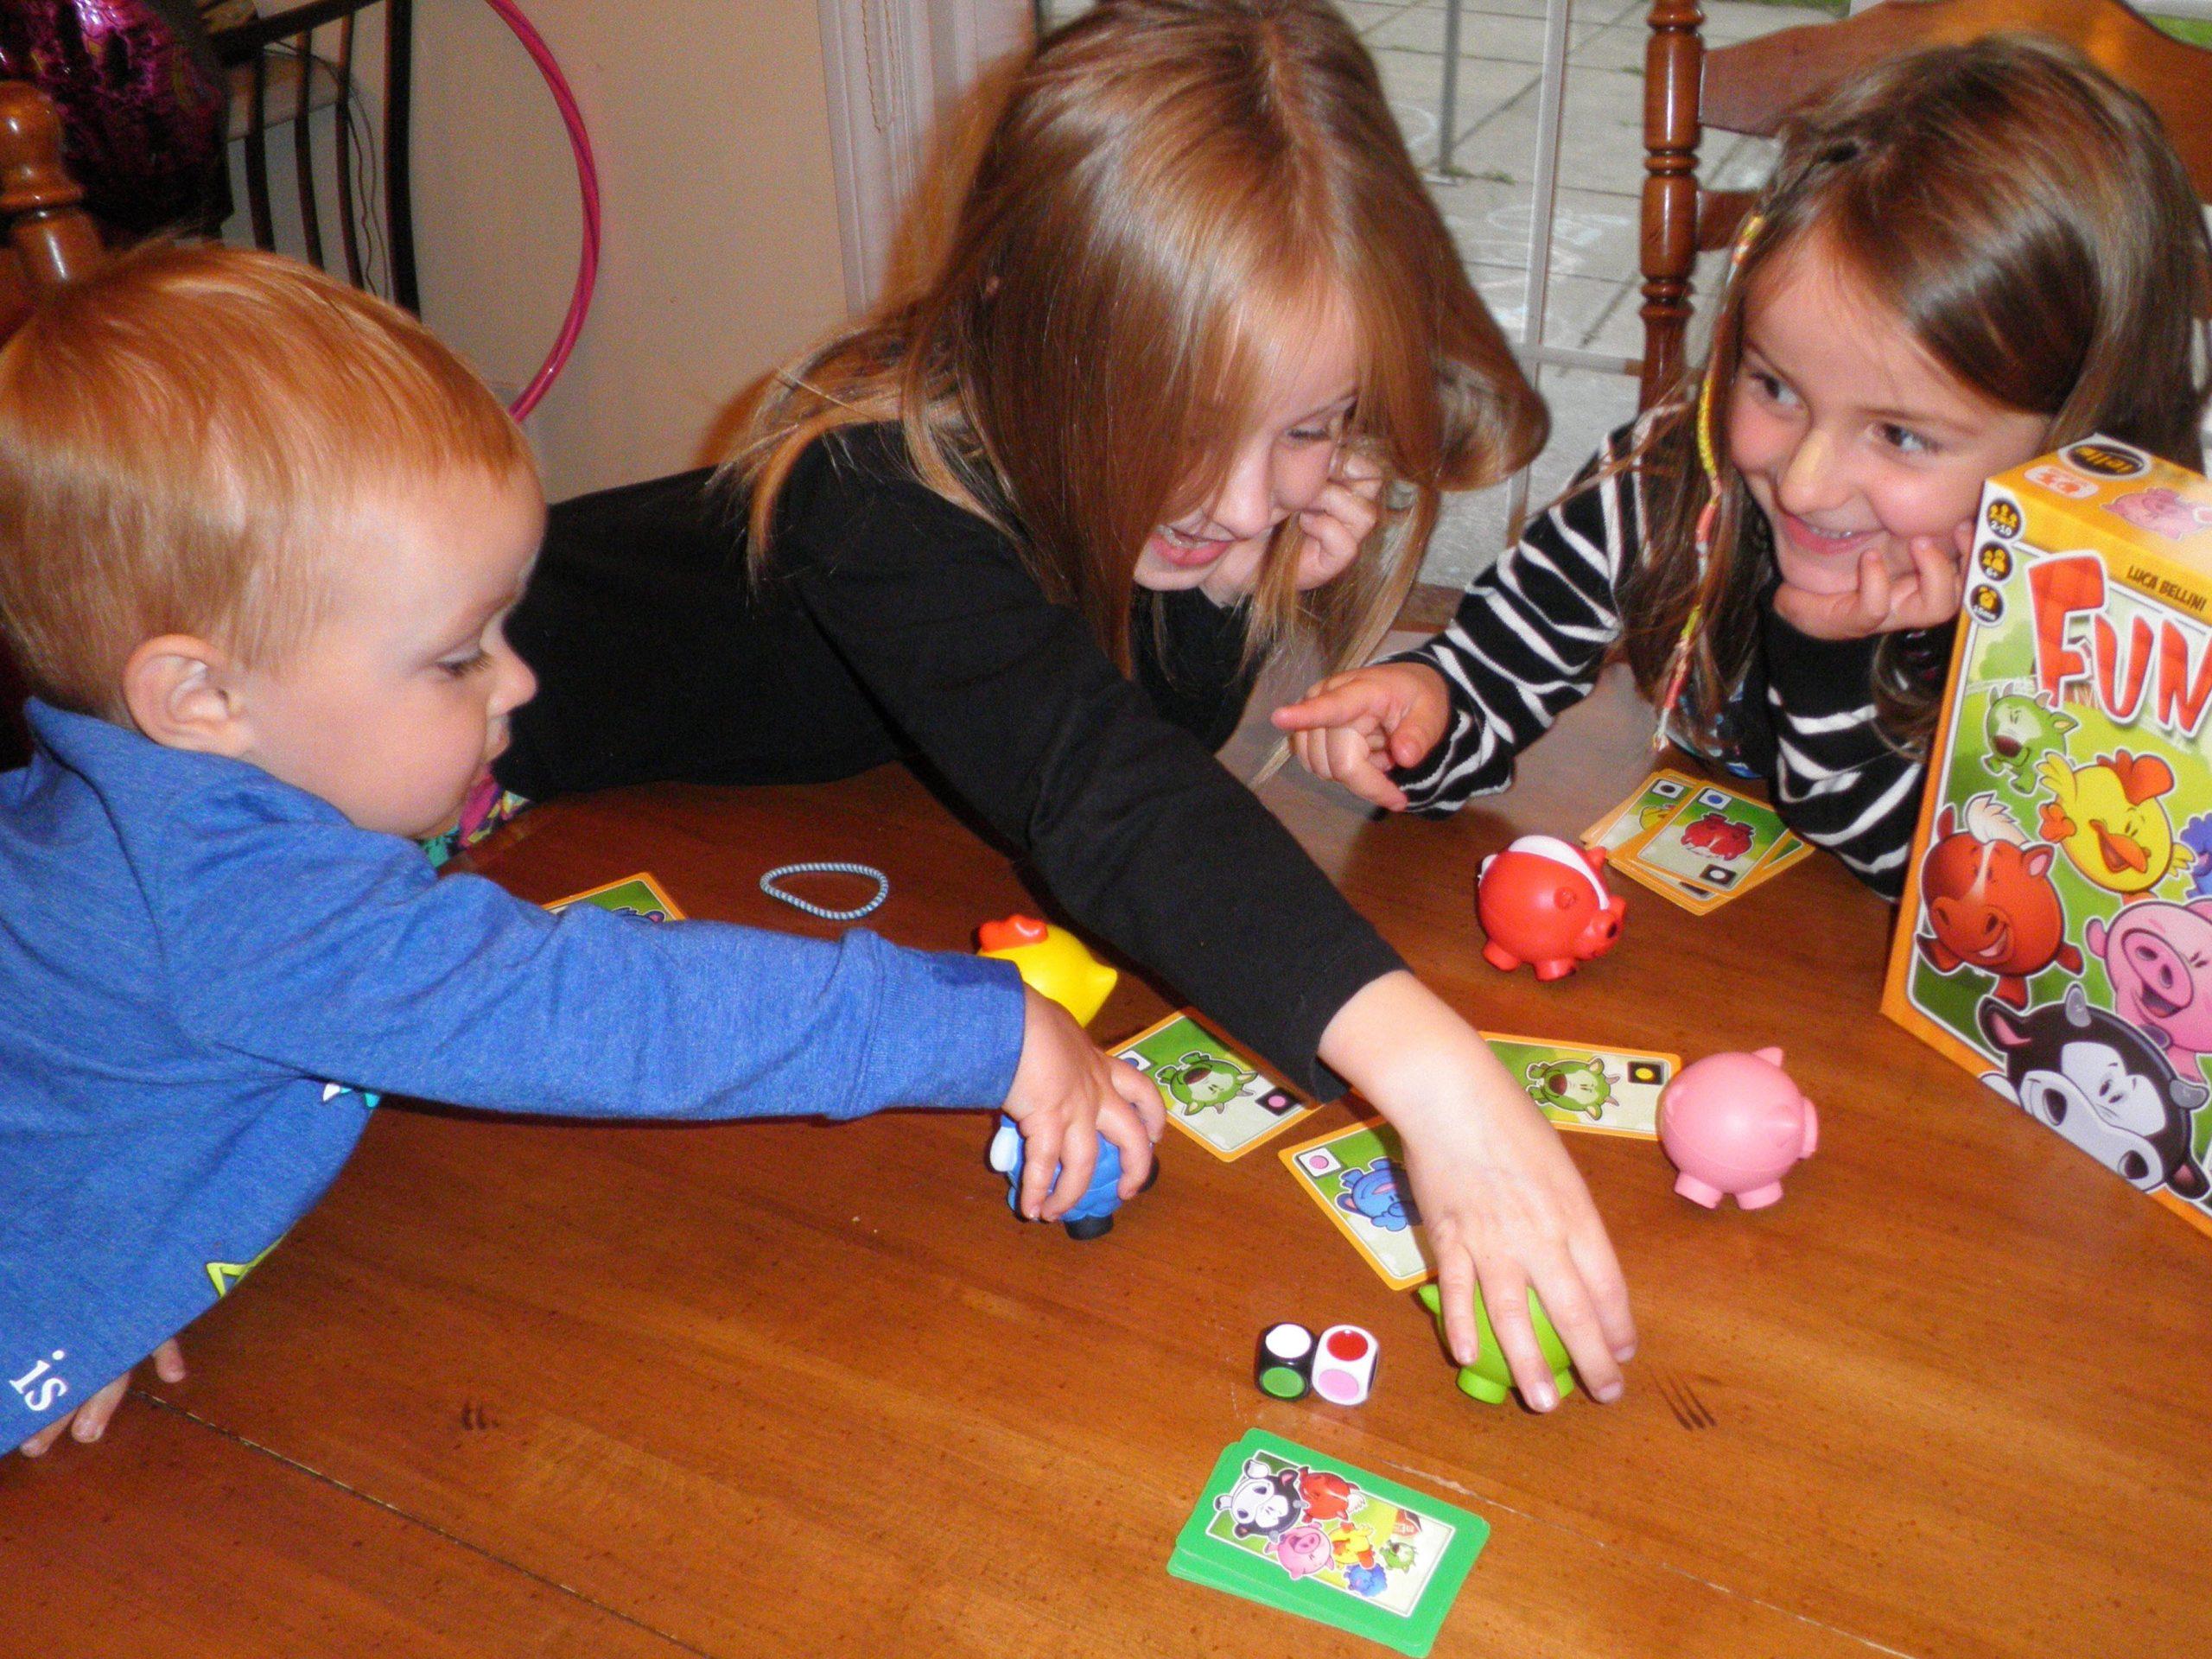 Les Jeux De Société concernant Jeux Pour Petite Fille De 4 Ans Gratuit